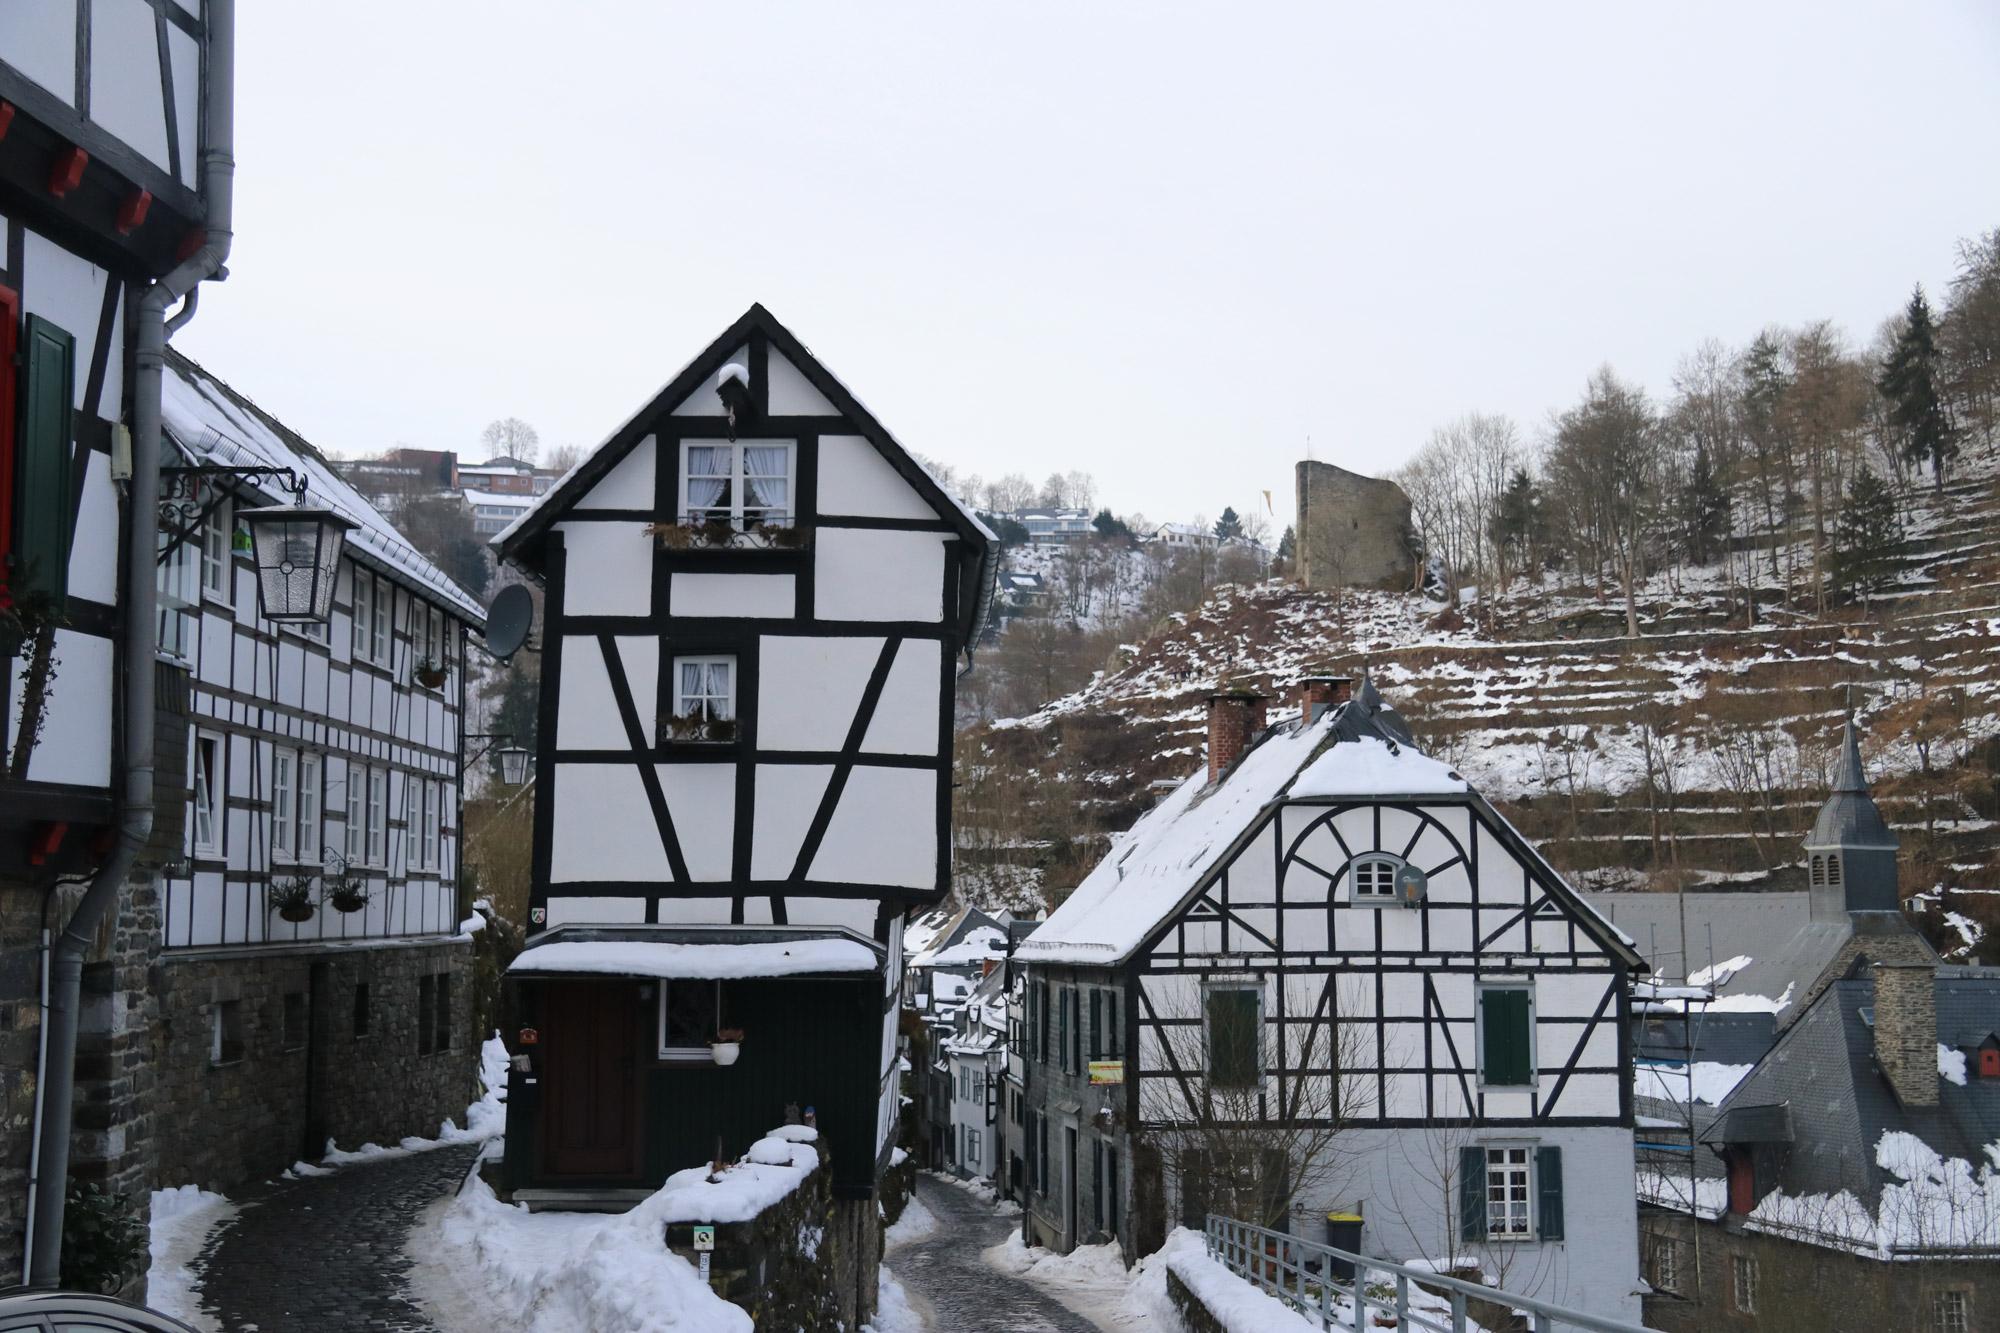 Weekendje in Monschau in 10 beelden - Fraaie architectuur met oude vakwerkhuizen